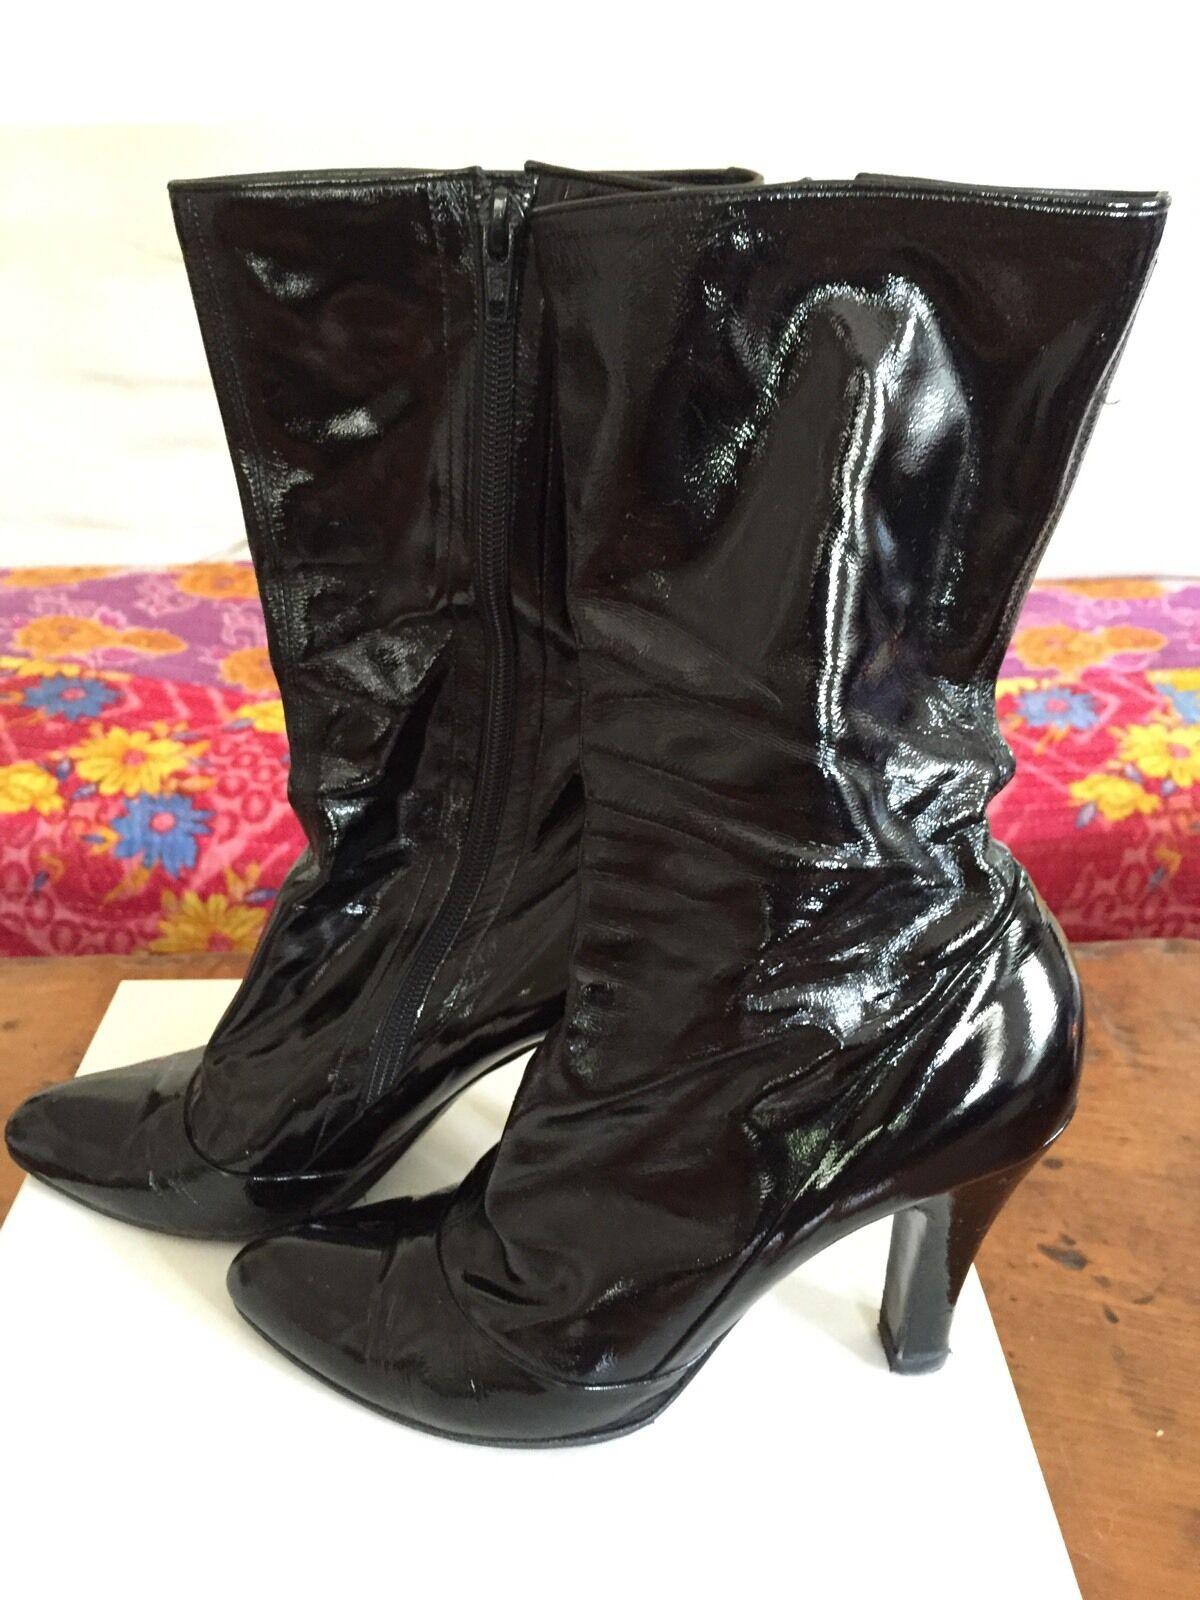 Senza tasse MARC JACOBS SEXY SEXY SEXY nero PATENT LEATHER HIGH HEEL MIDI scarpe avvio avvioIES 39 9  centro commerciale online integrato professionale